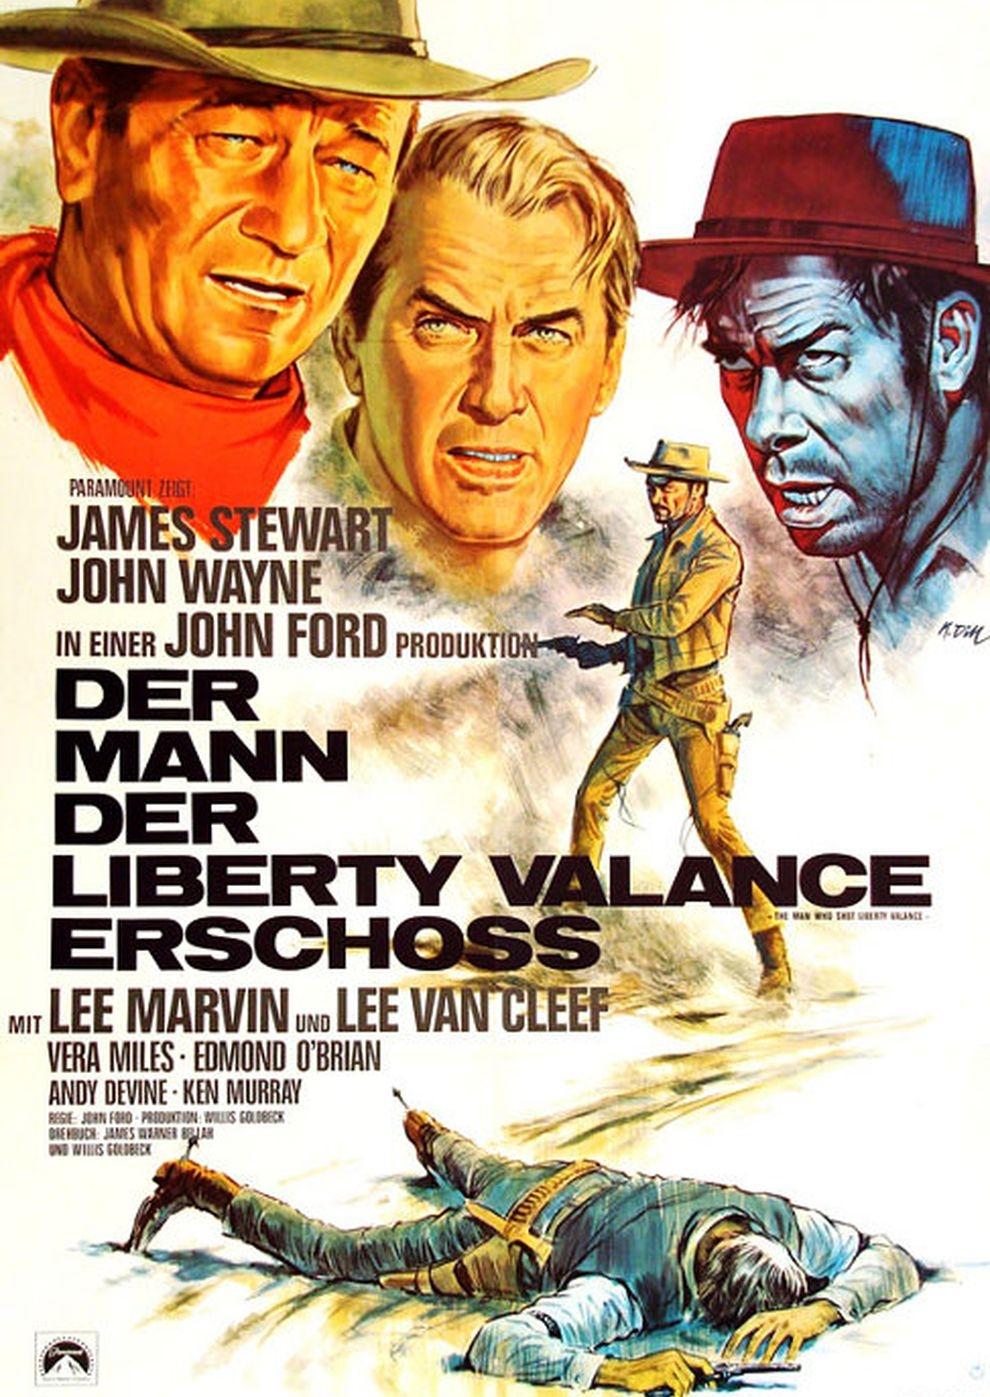 Der Mann, der Liberty Valance erschoß (Poster)